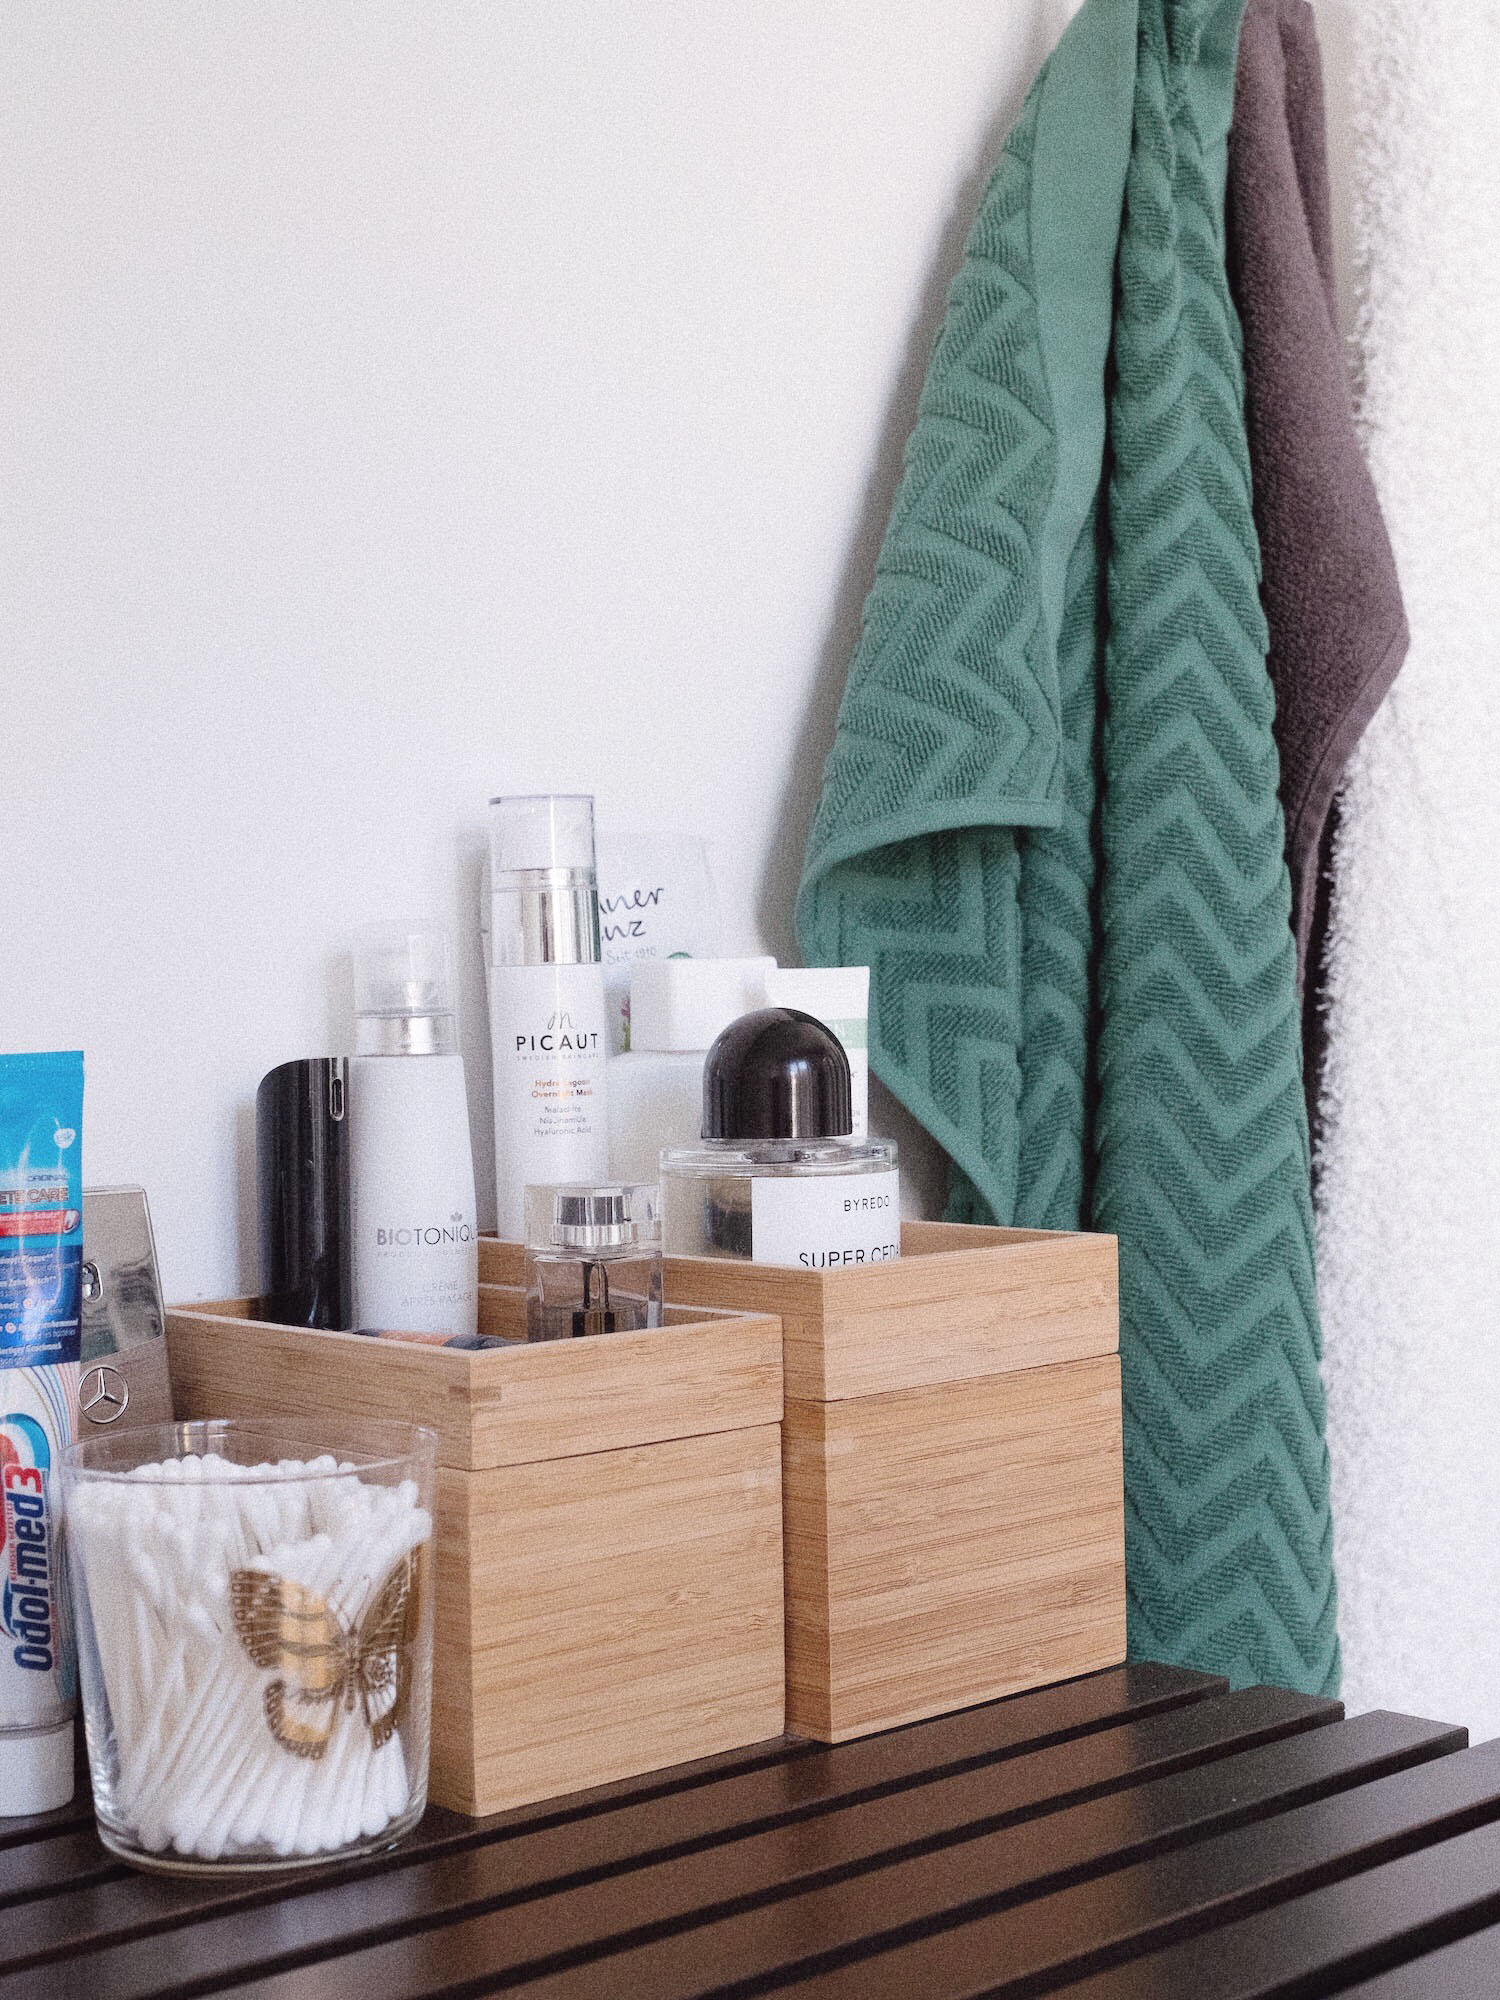 Beautyblog-Bare-Minds-Annies-Topshelf